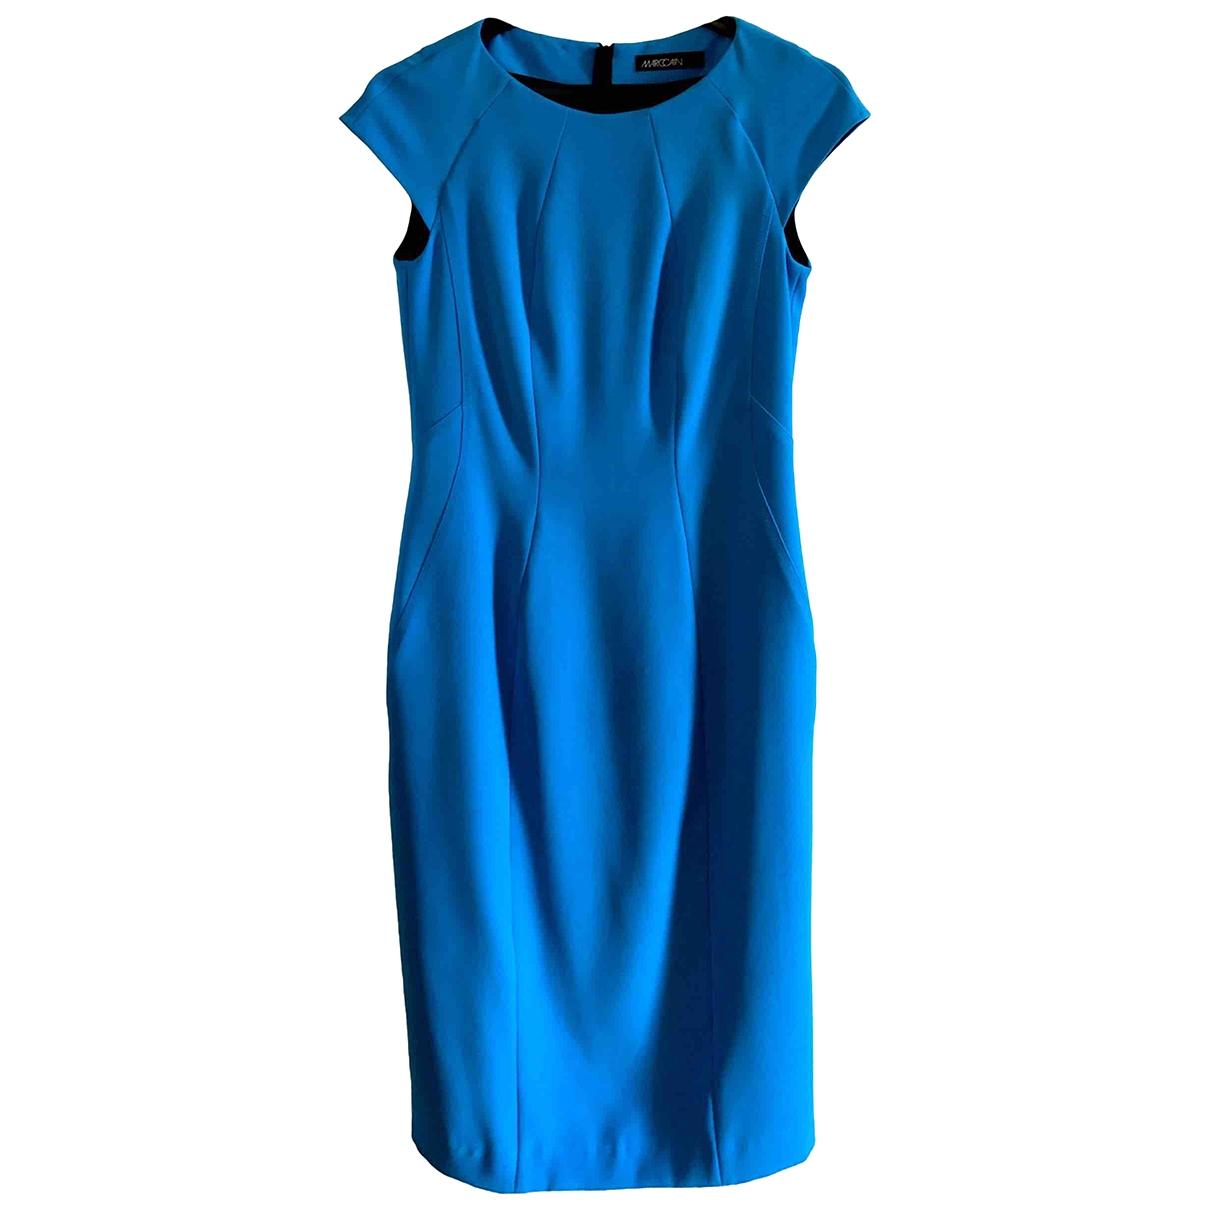 Marc Cain \N Blue dress for Women 38 FR